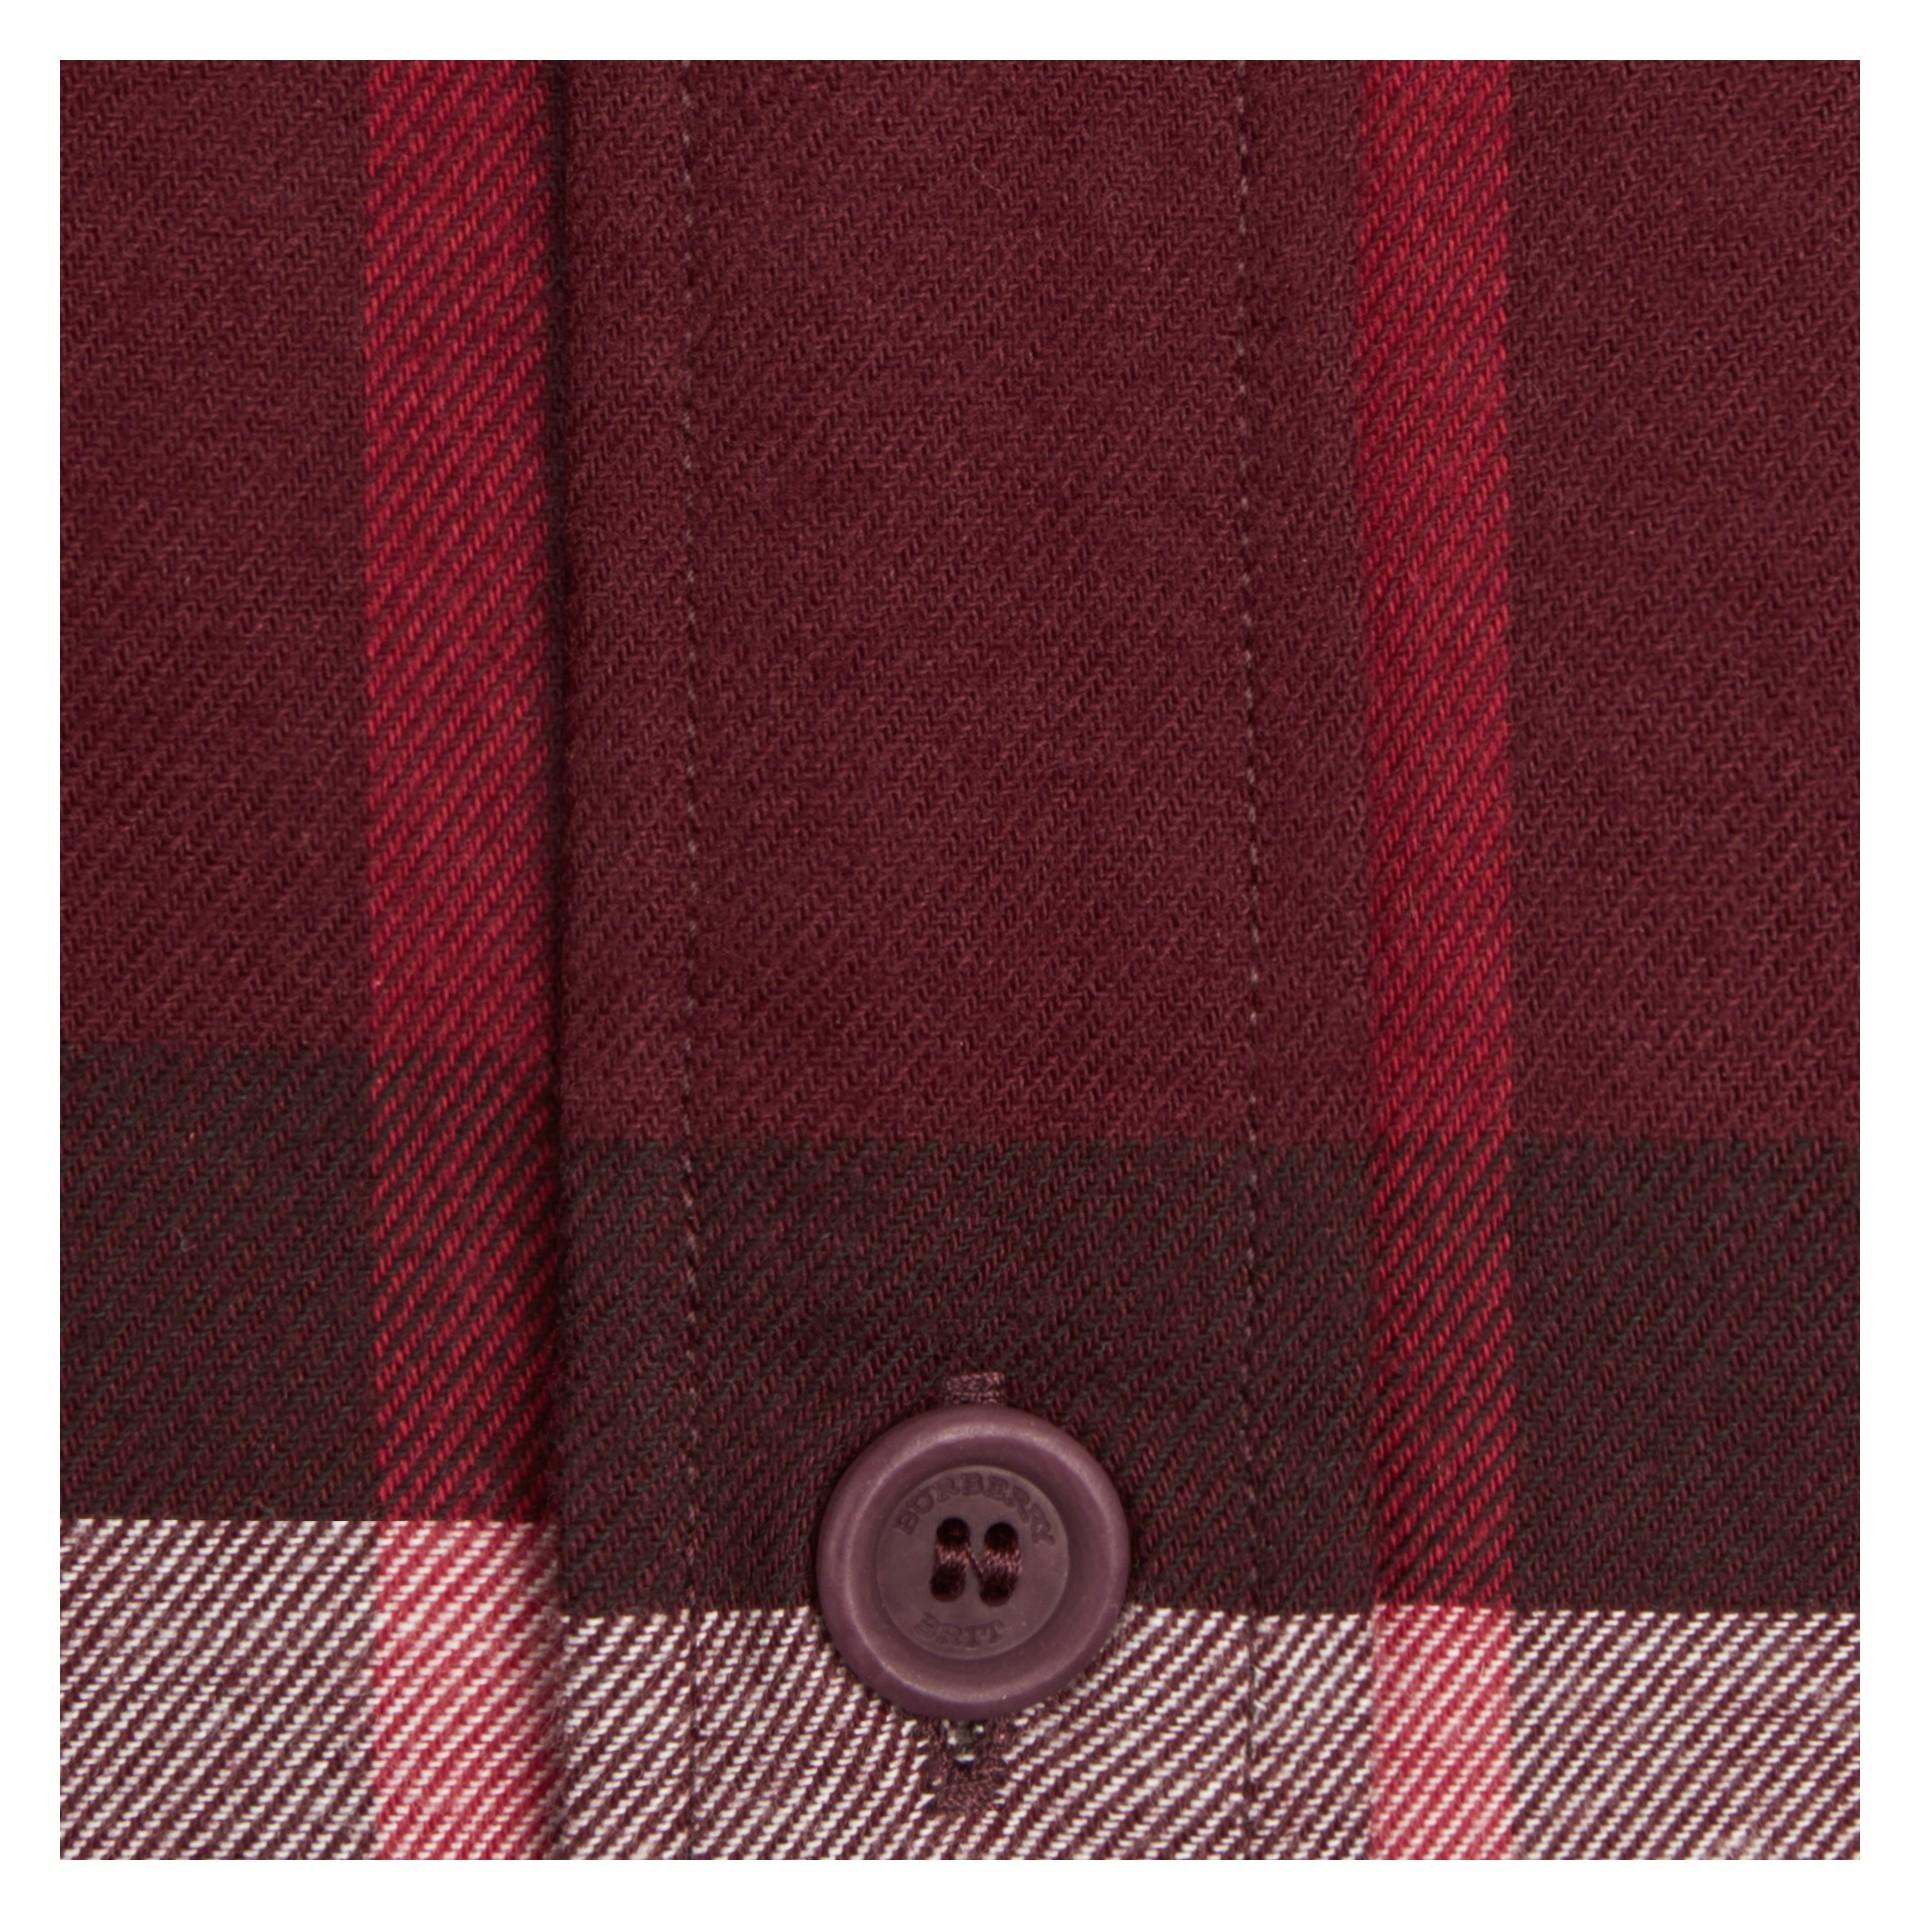 Rosso violetto Camicia in flanella di cotone con motivo check Rosso Violetto - immagine della galleria 2